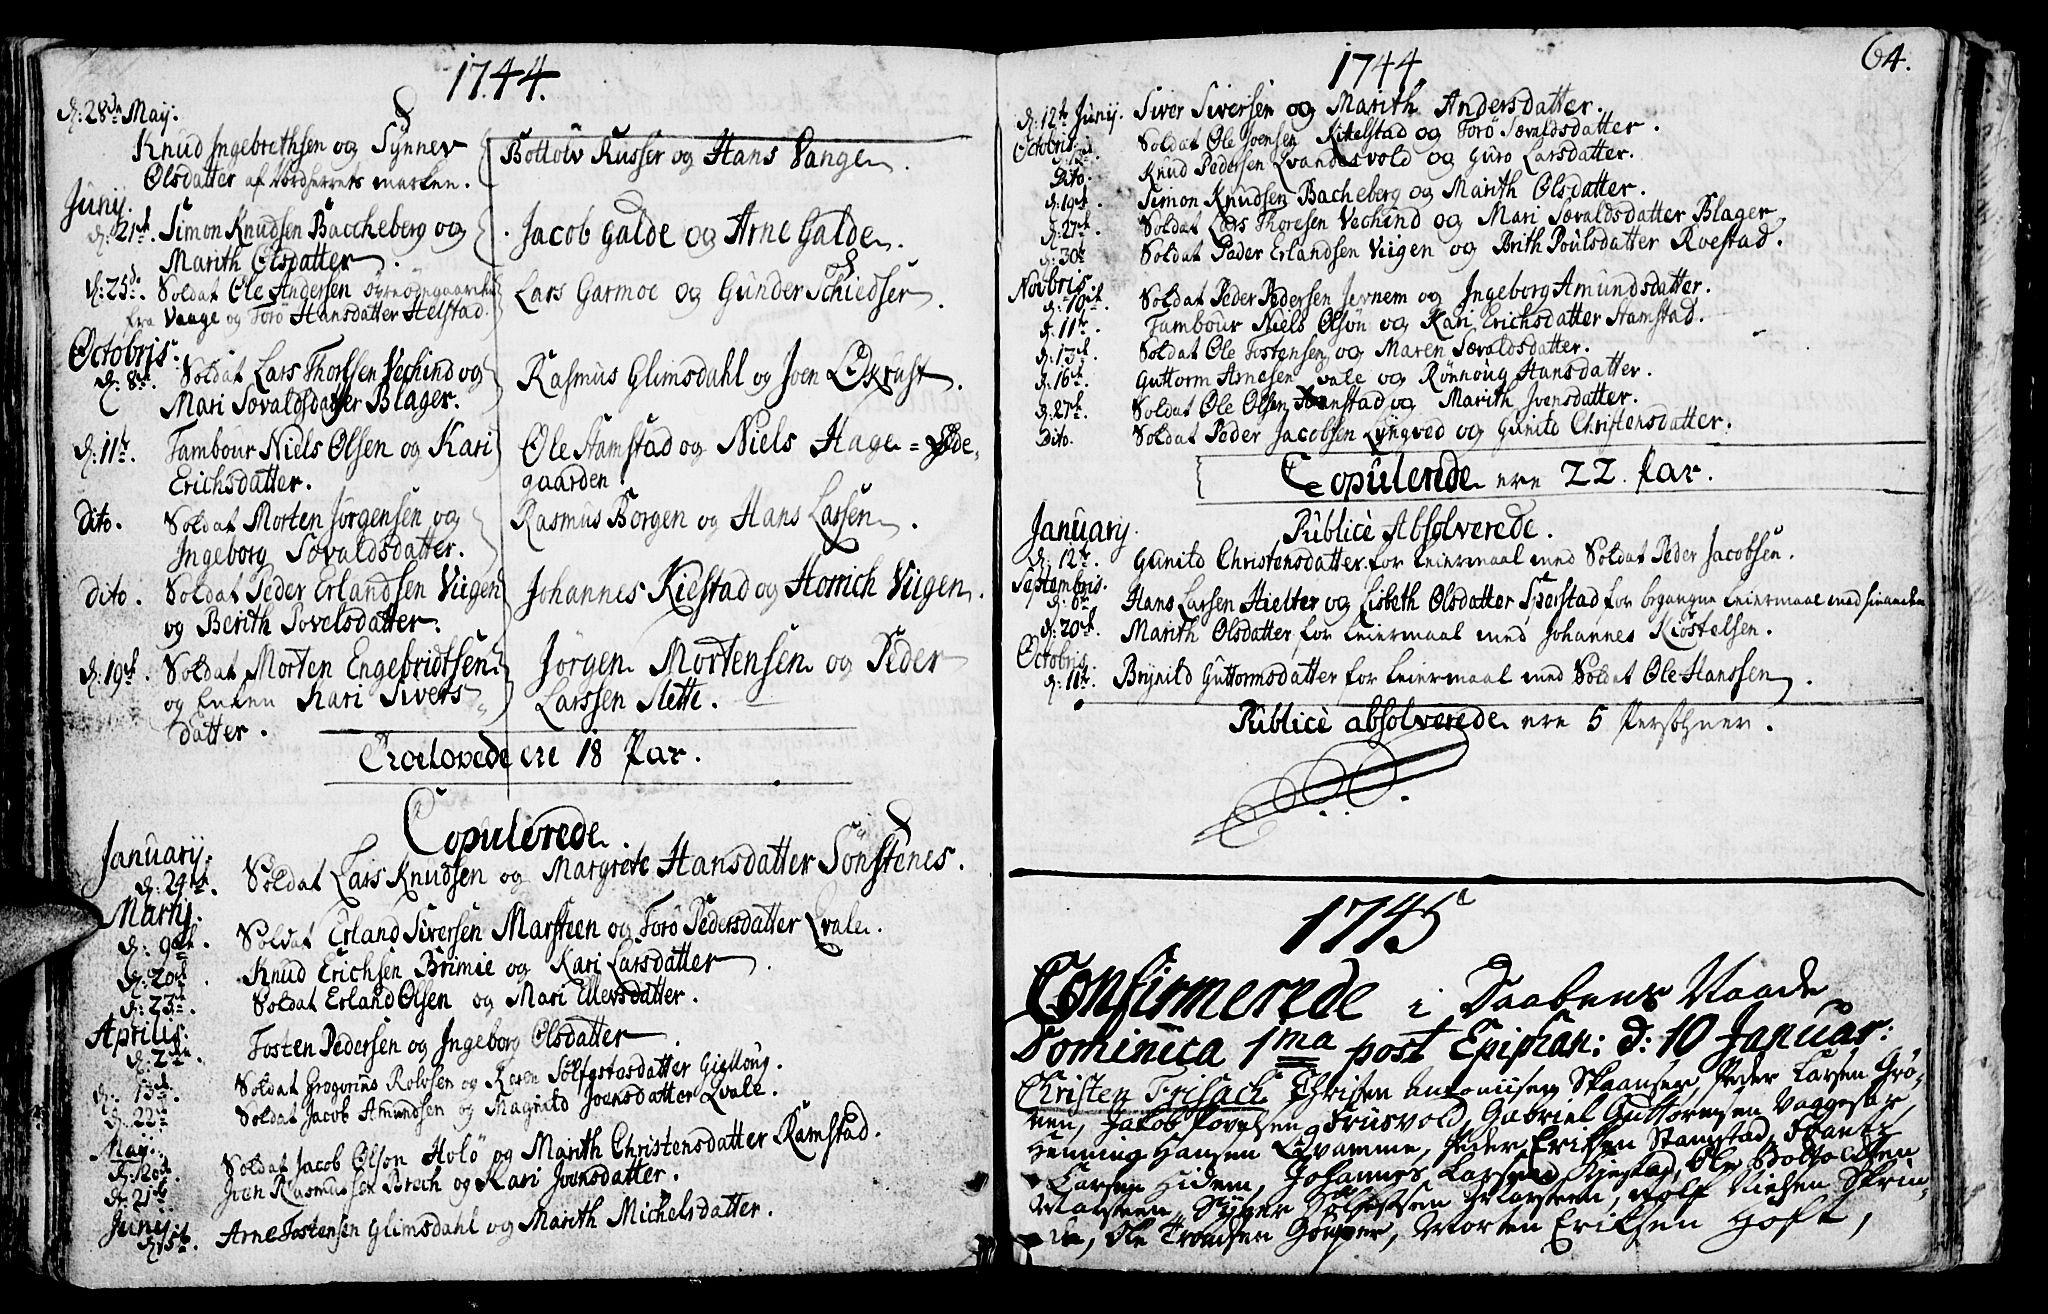 SAH, Lom prestekontor, K/L0001: Ministerialbok nr. 1, 1733-1748, s. 64